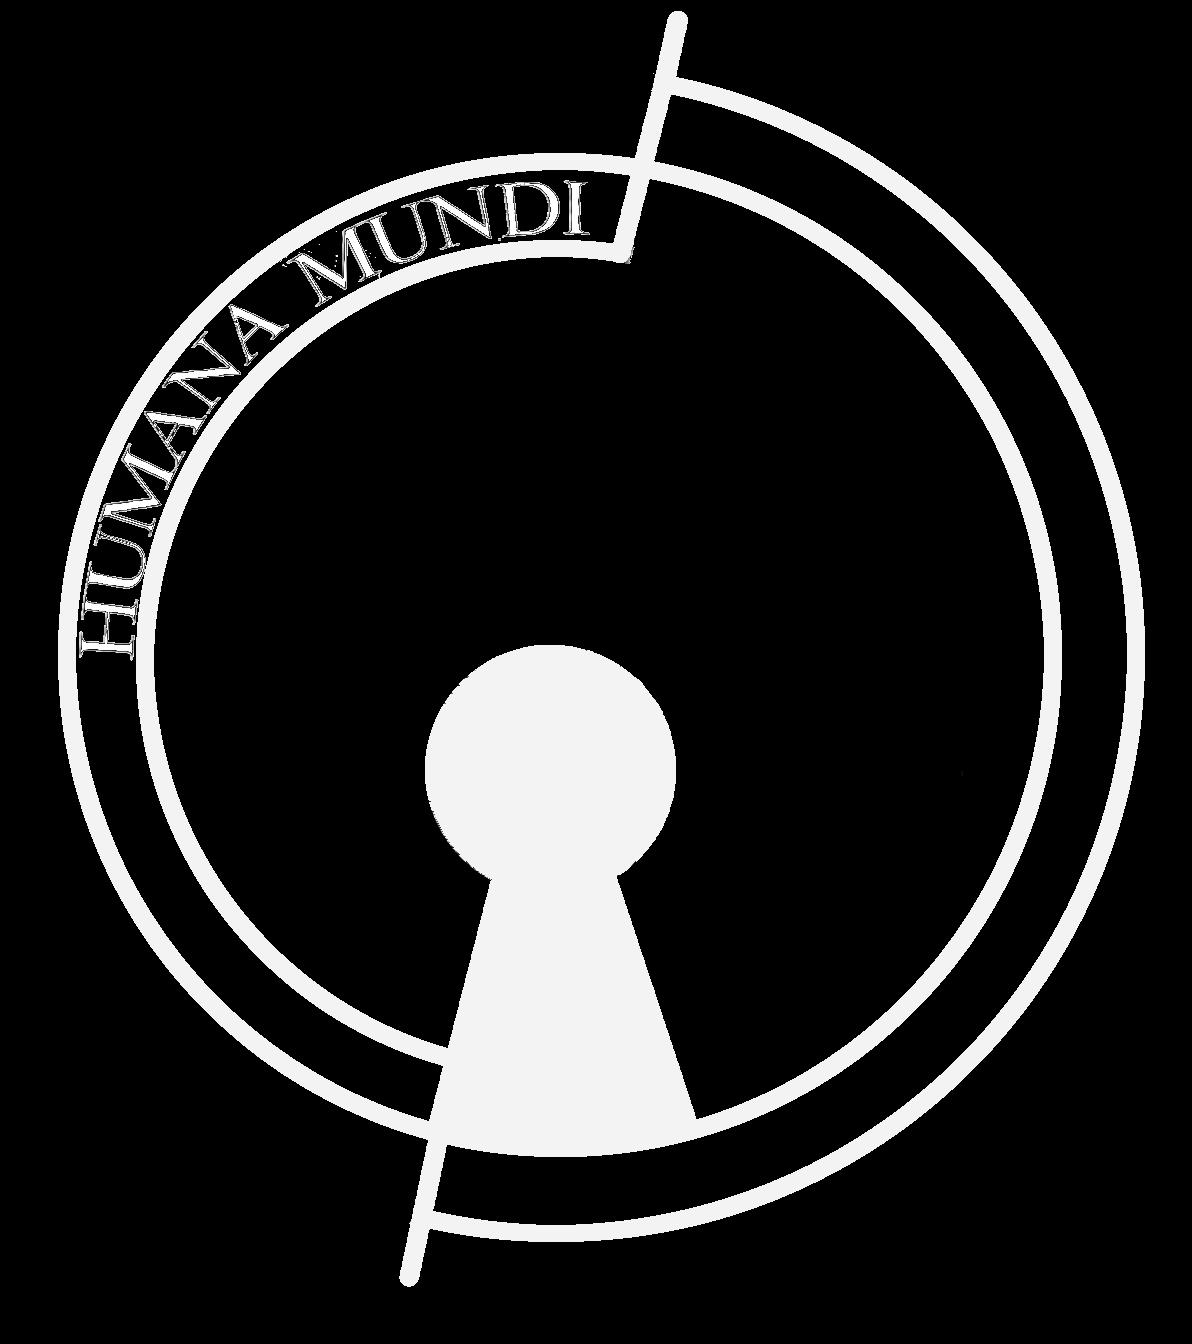 Fundacja Humana Mundi